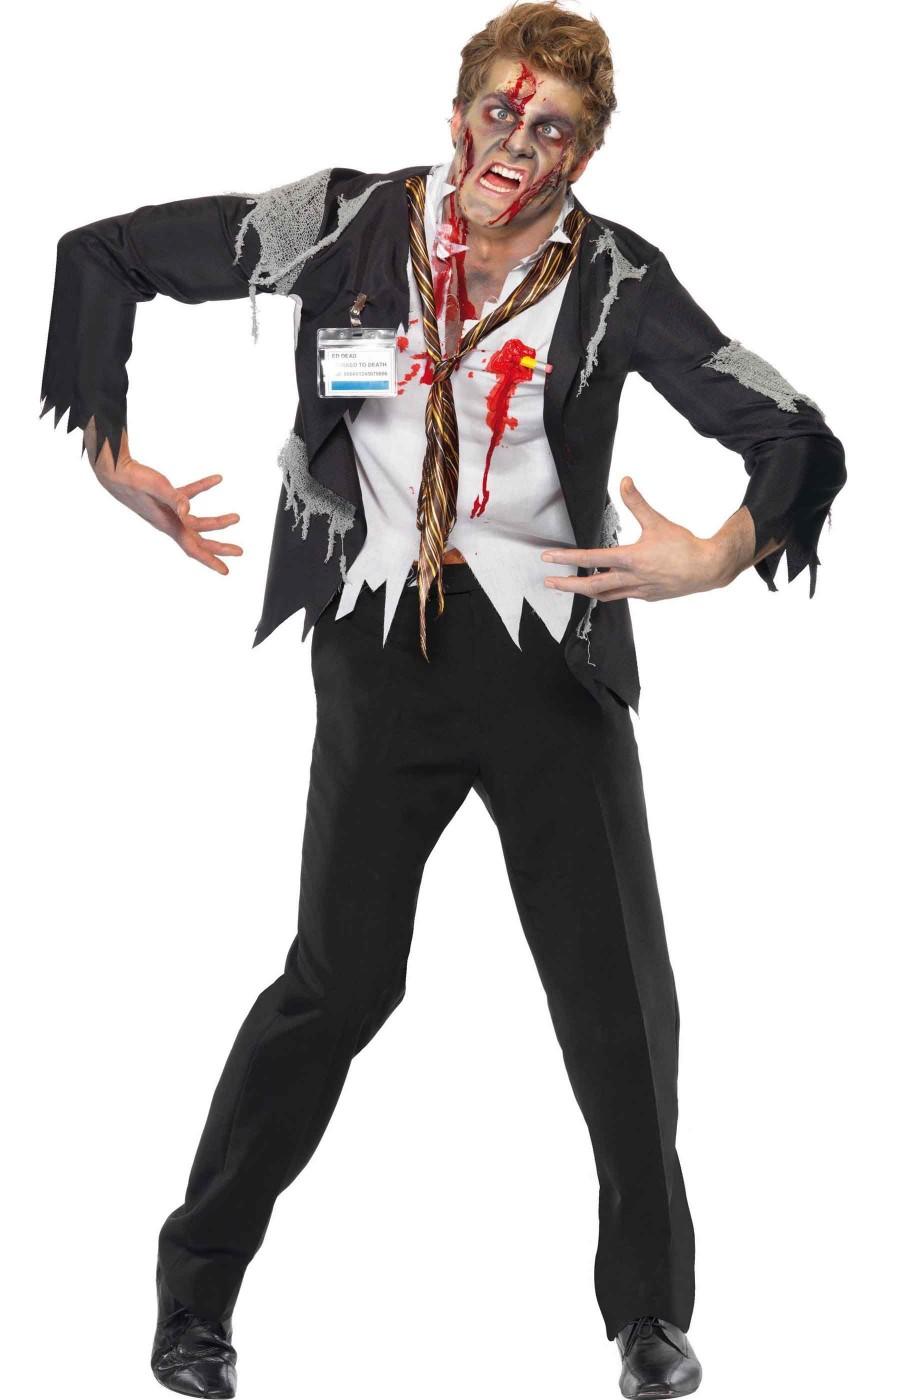 Costume Halloween da uomo impiegato zombie bcd6ad42e7ce